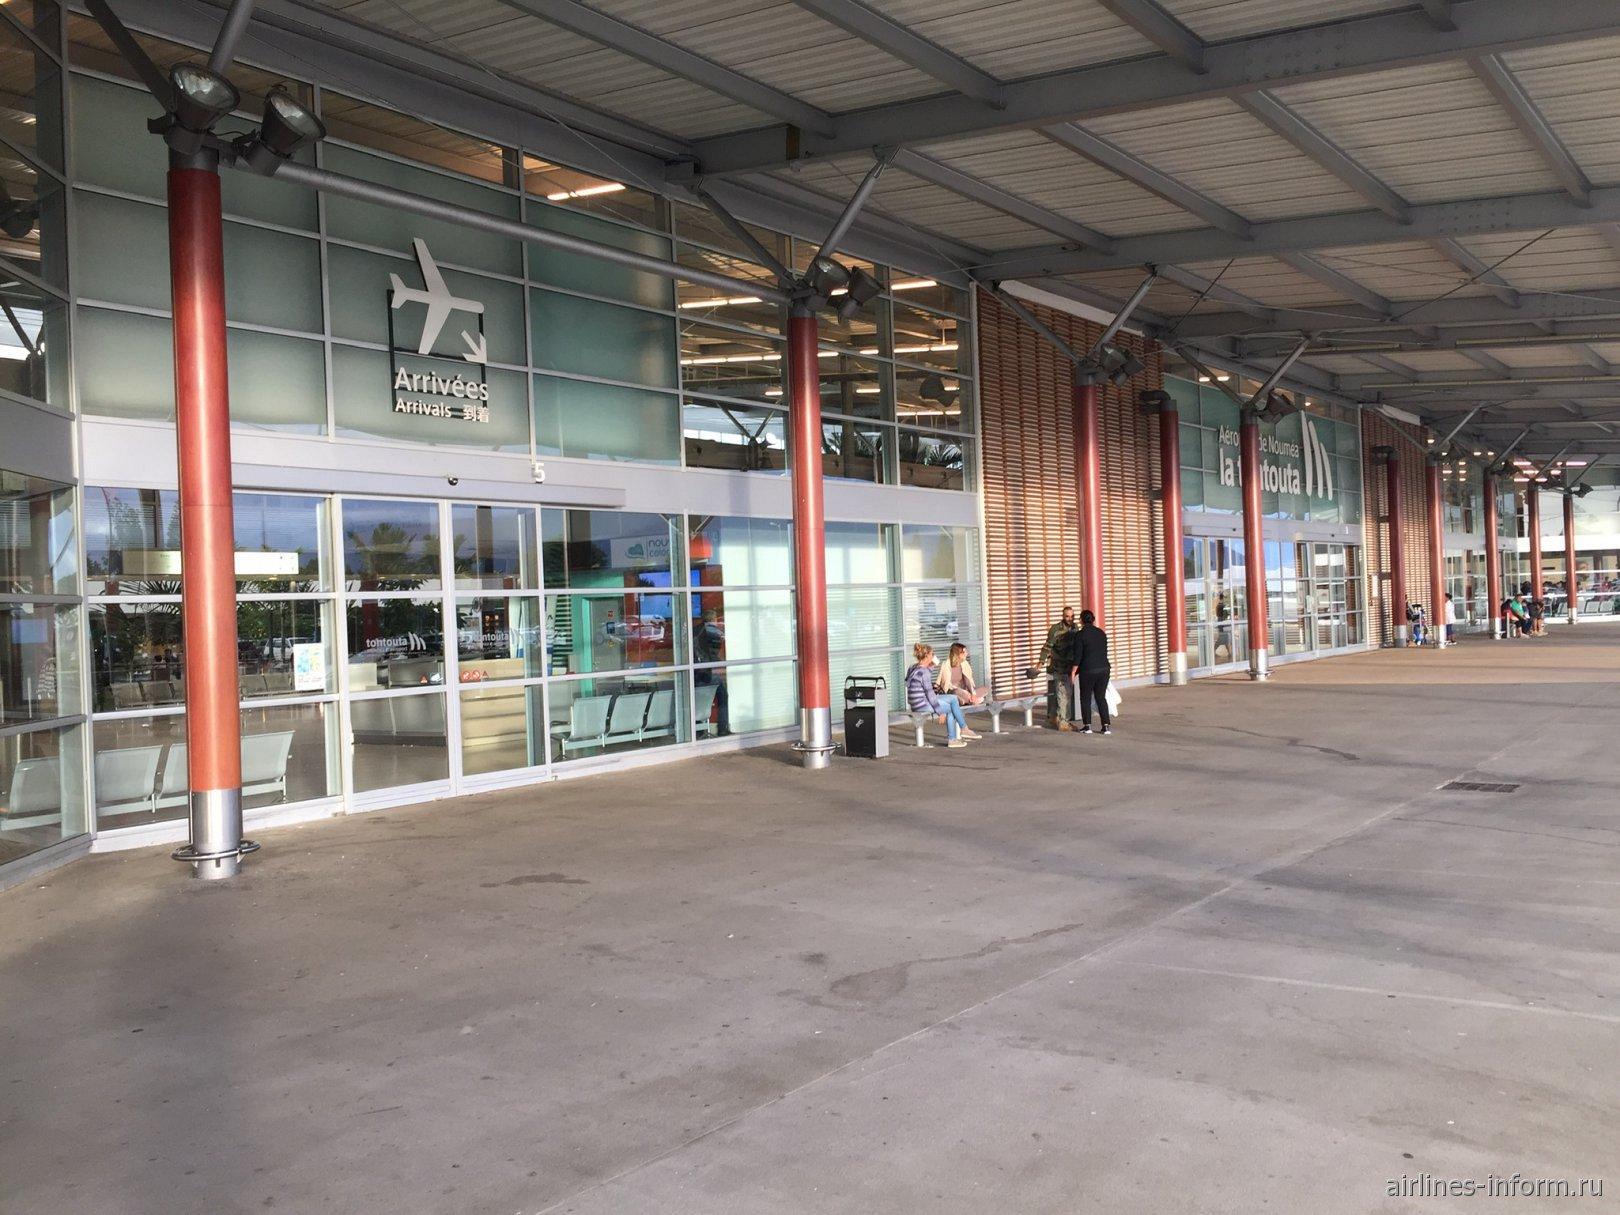 У входа в пассажирский терминал аэропорта Нумеа Ла-Тонтута